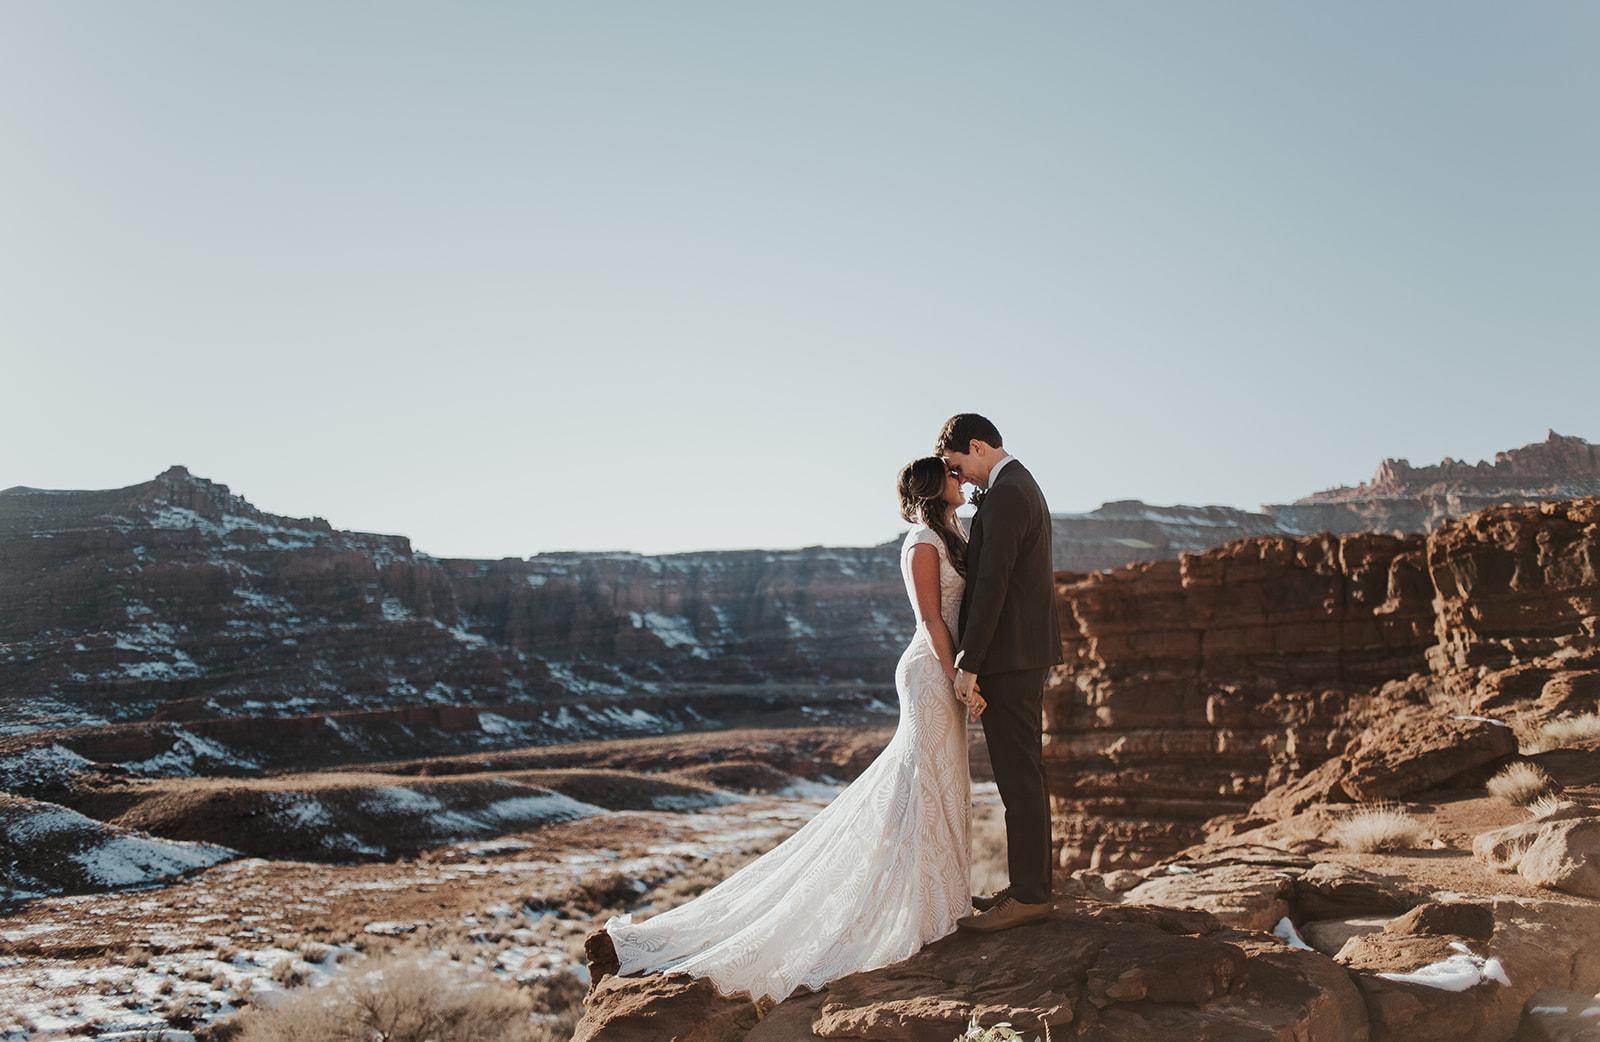 jamie+weston bridals-57.jpg